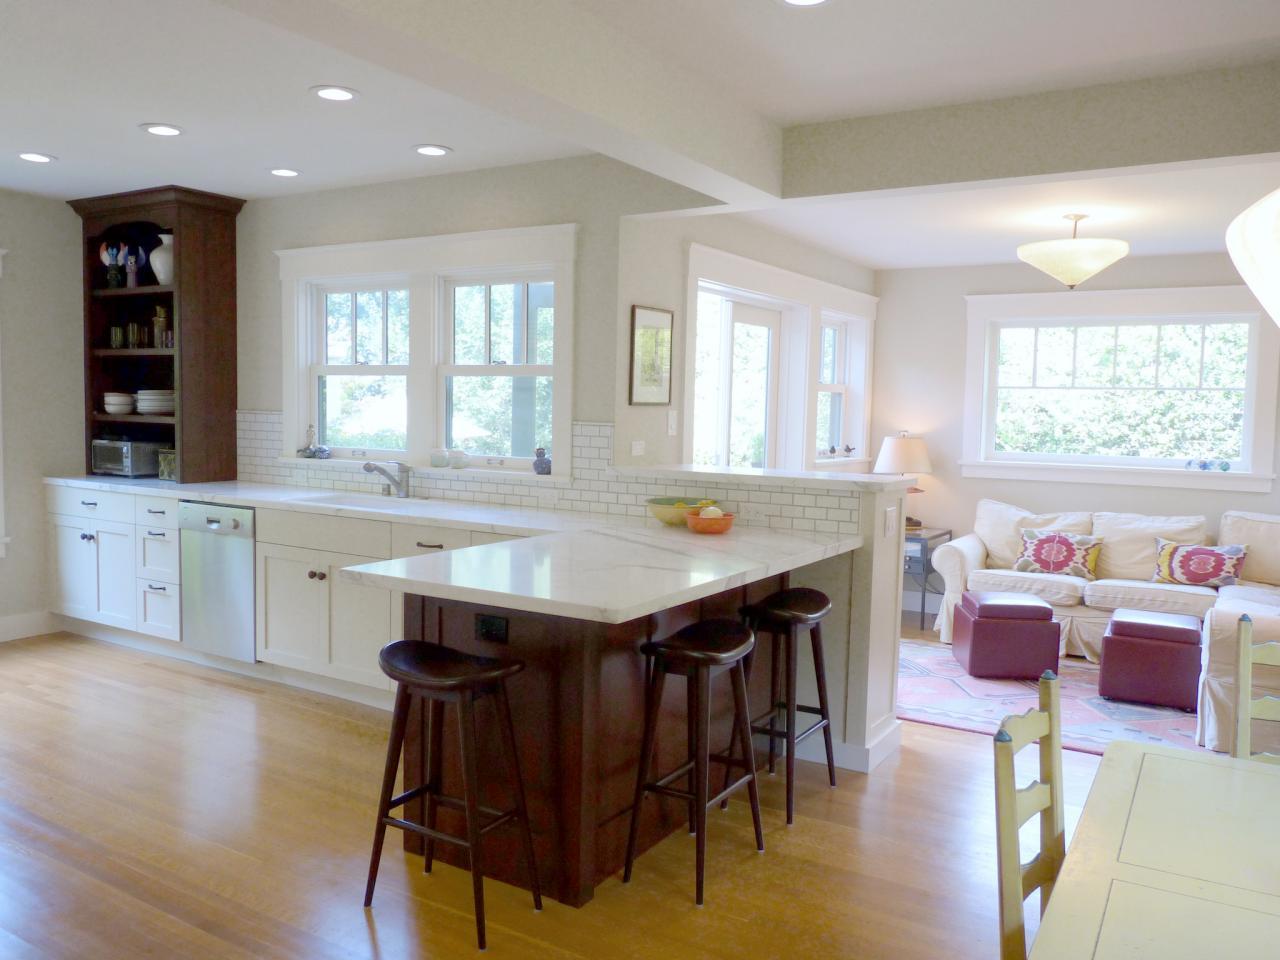 dp_catherine-Nakahara-beige-overgangsperiode-køkken-familie-værelse-flow_h-jpg-rend-hgtvcom-1280-960